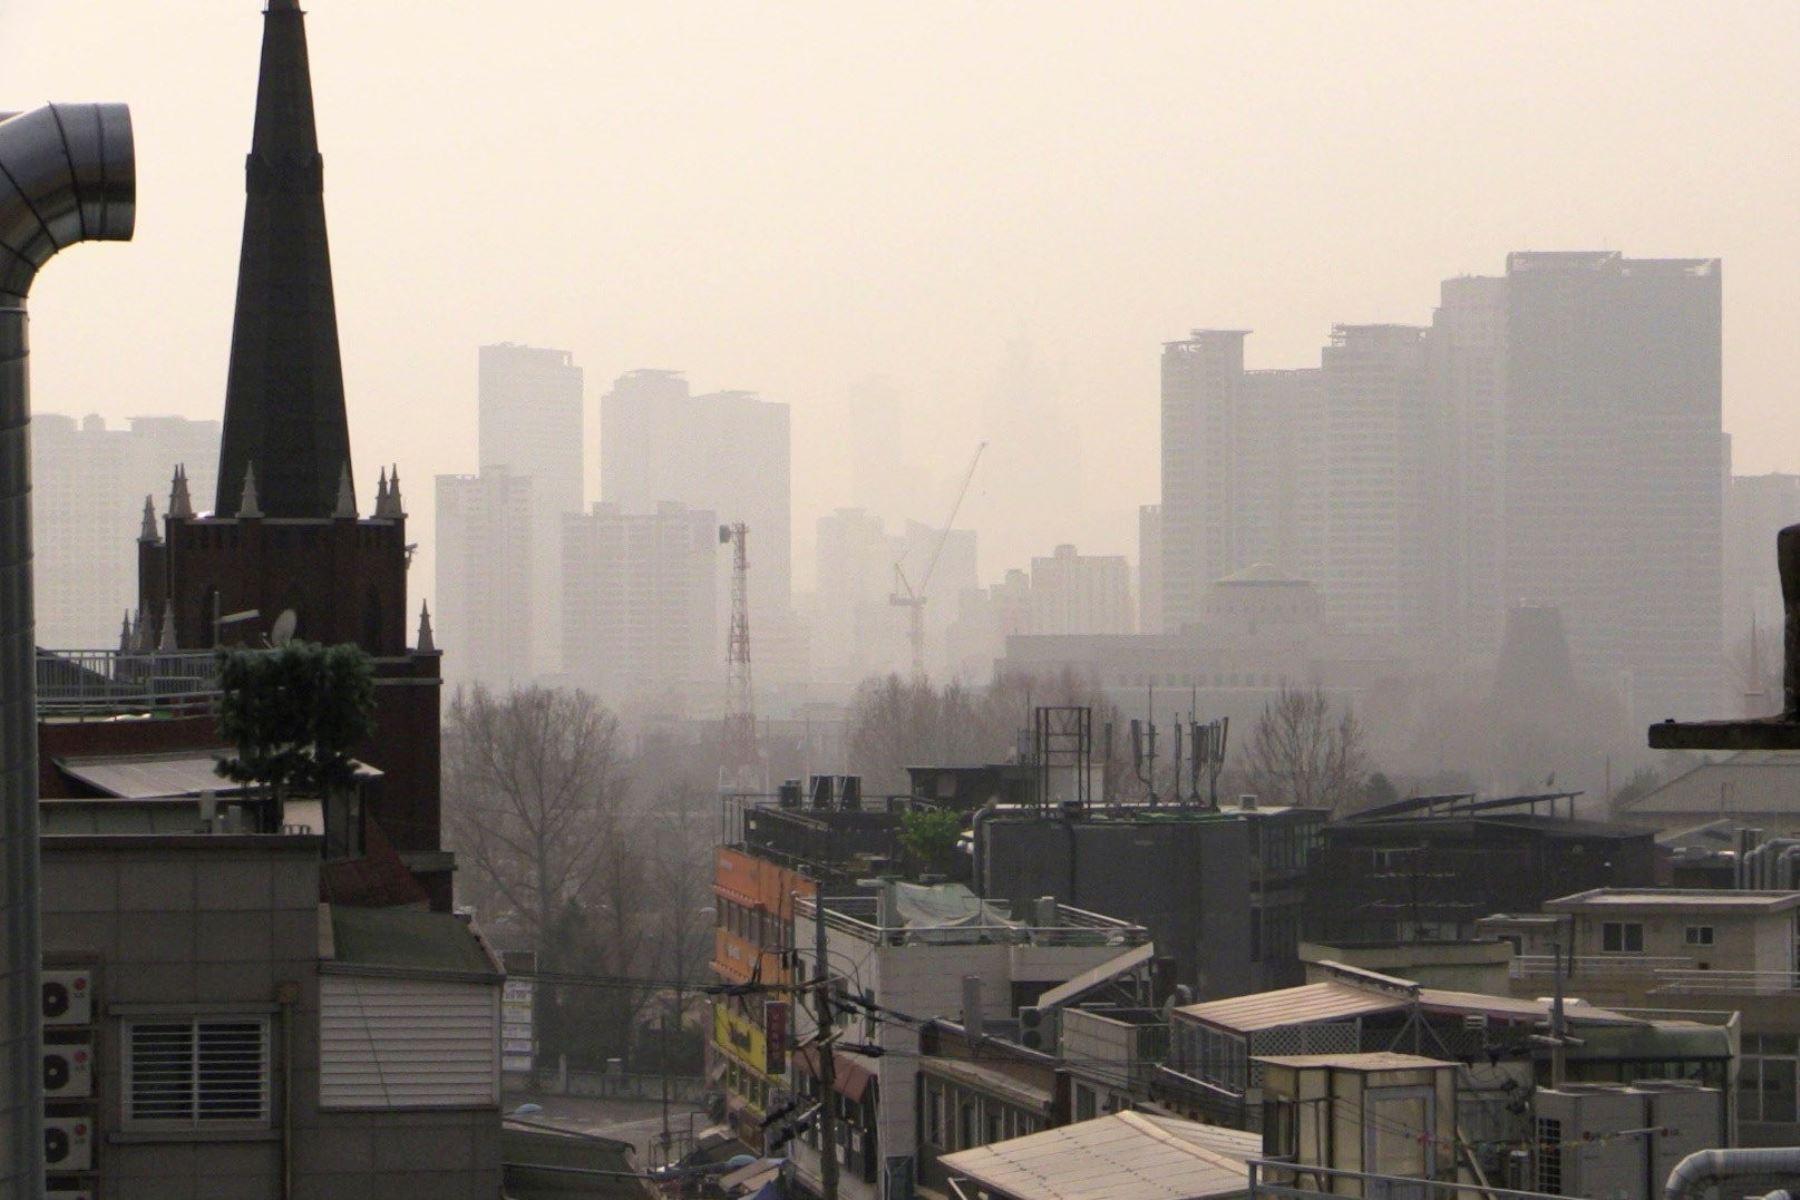 Una capa de contaminación cubre la ciudad de Seúl en Corea del Sur. Foto: EFE